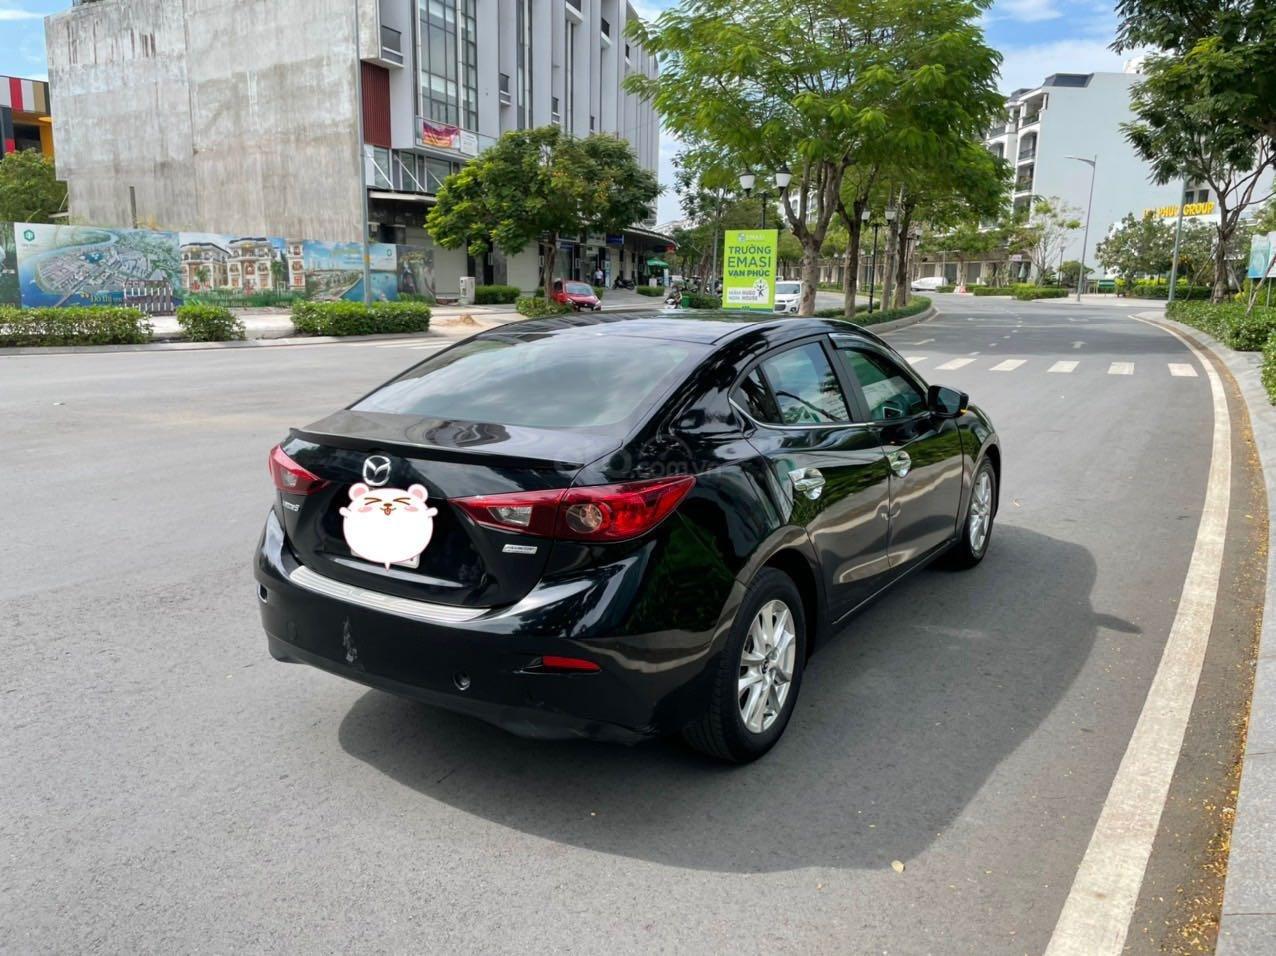 Cần bán xe Mazda 3 sản xuất 2018, màu đen xe gia đình giá chỉ 599 triệu đồng (6)